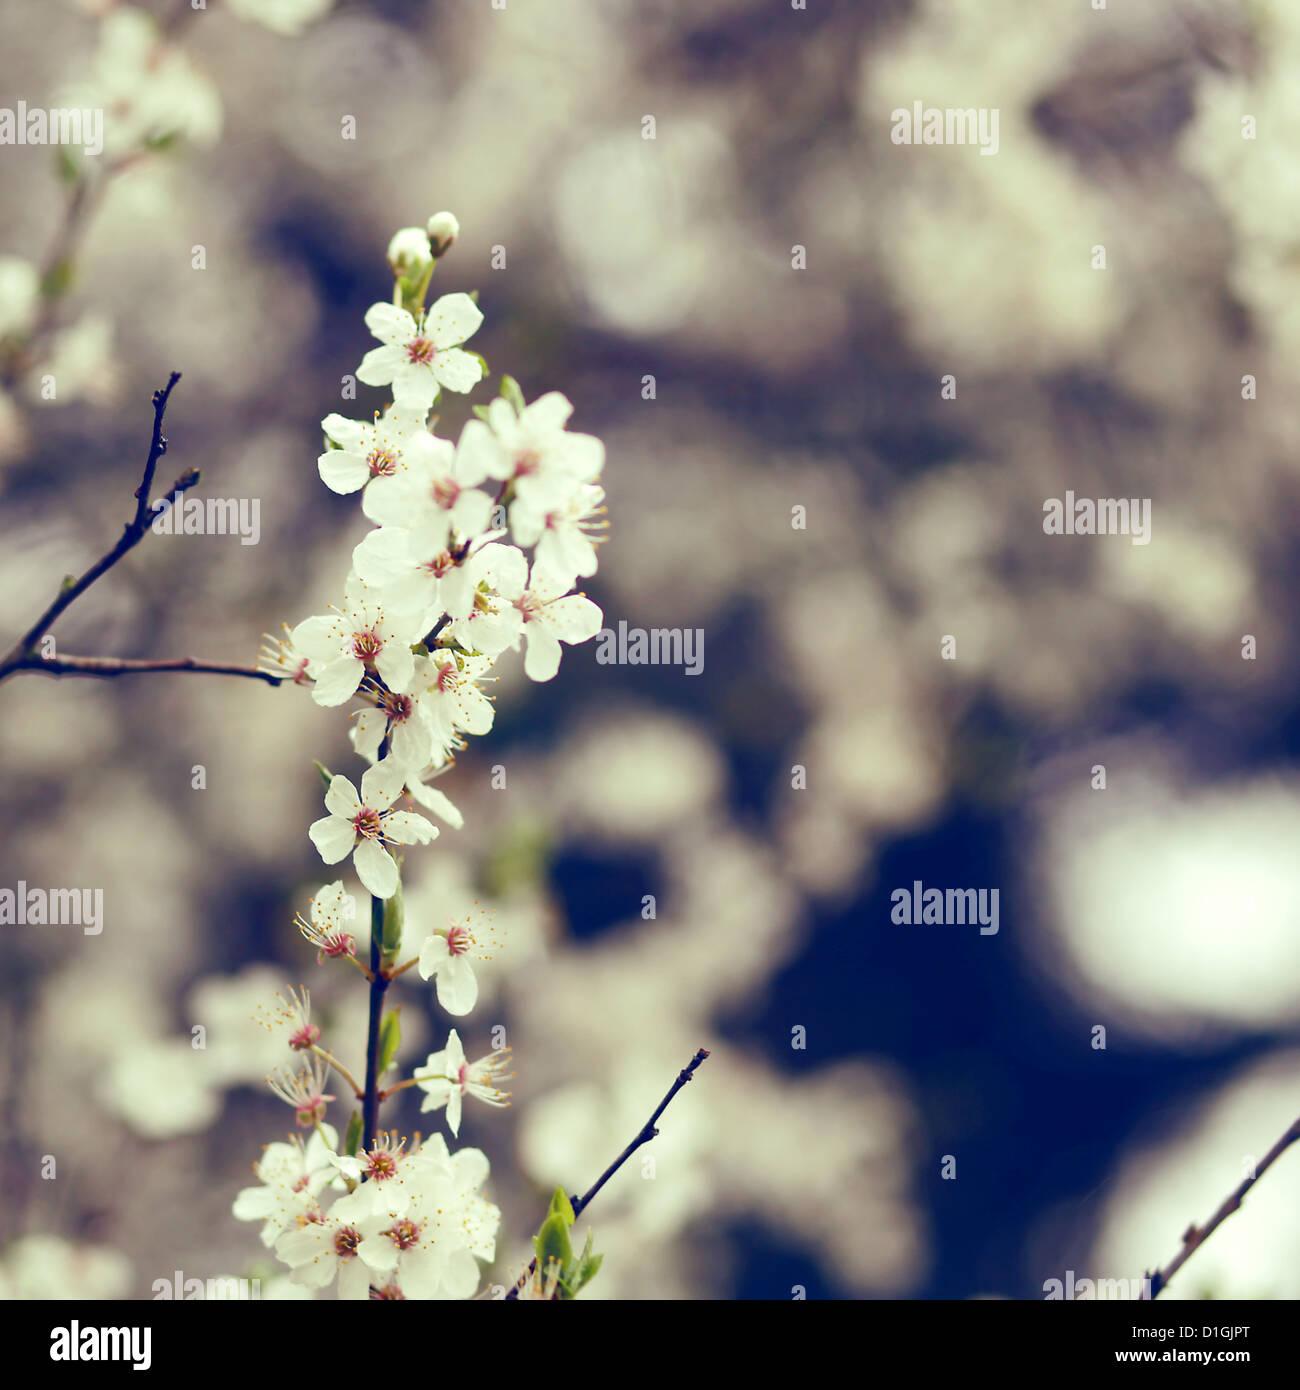 Una chiusura di bianco la fioritura dei ciliegi in fiore in primavera Immagini Stock